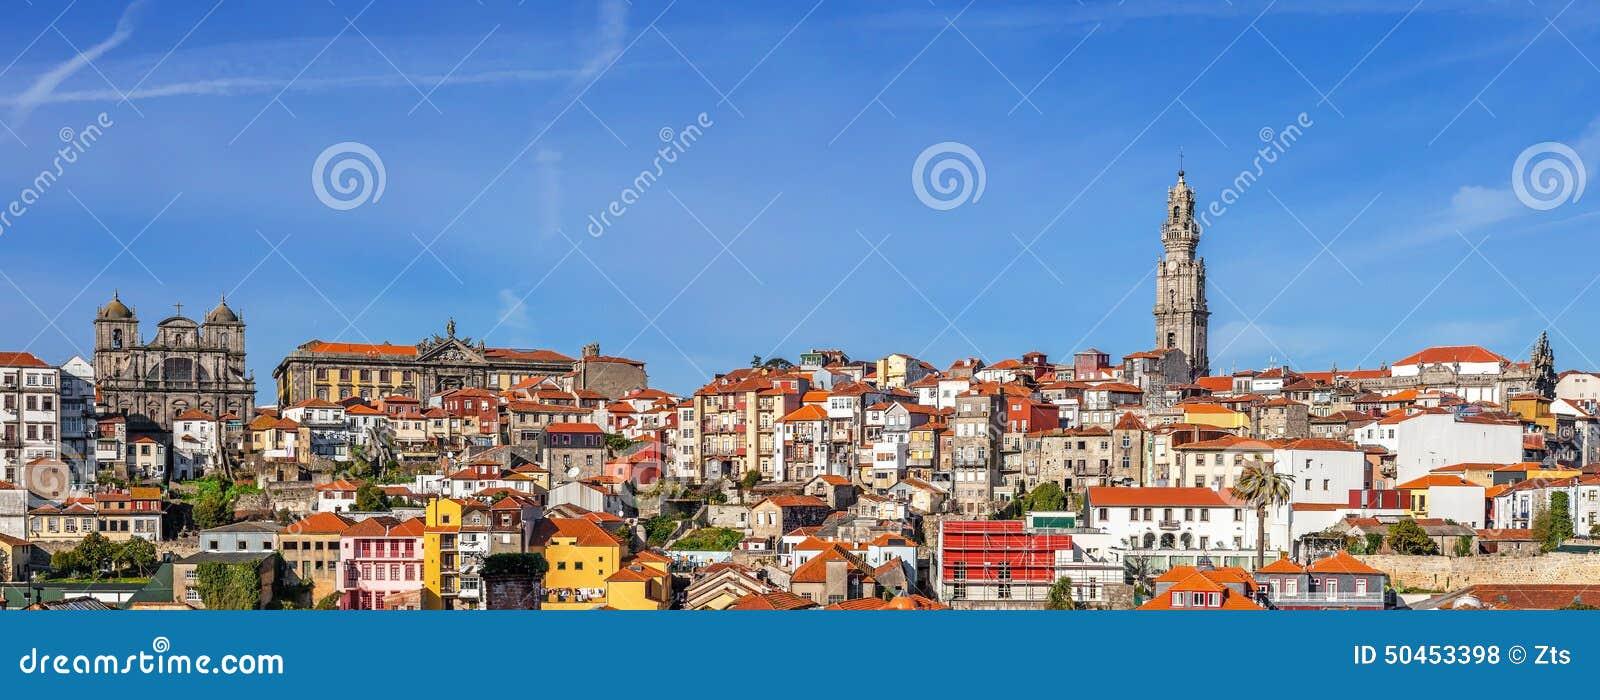 Linia horyzontu i pejzaż miejski miasto Porto w Portugalia